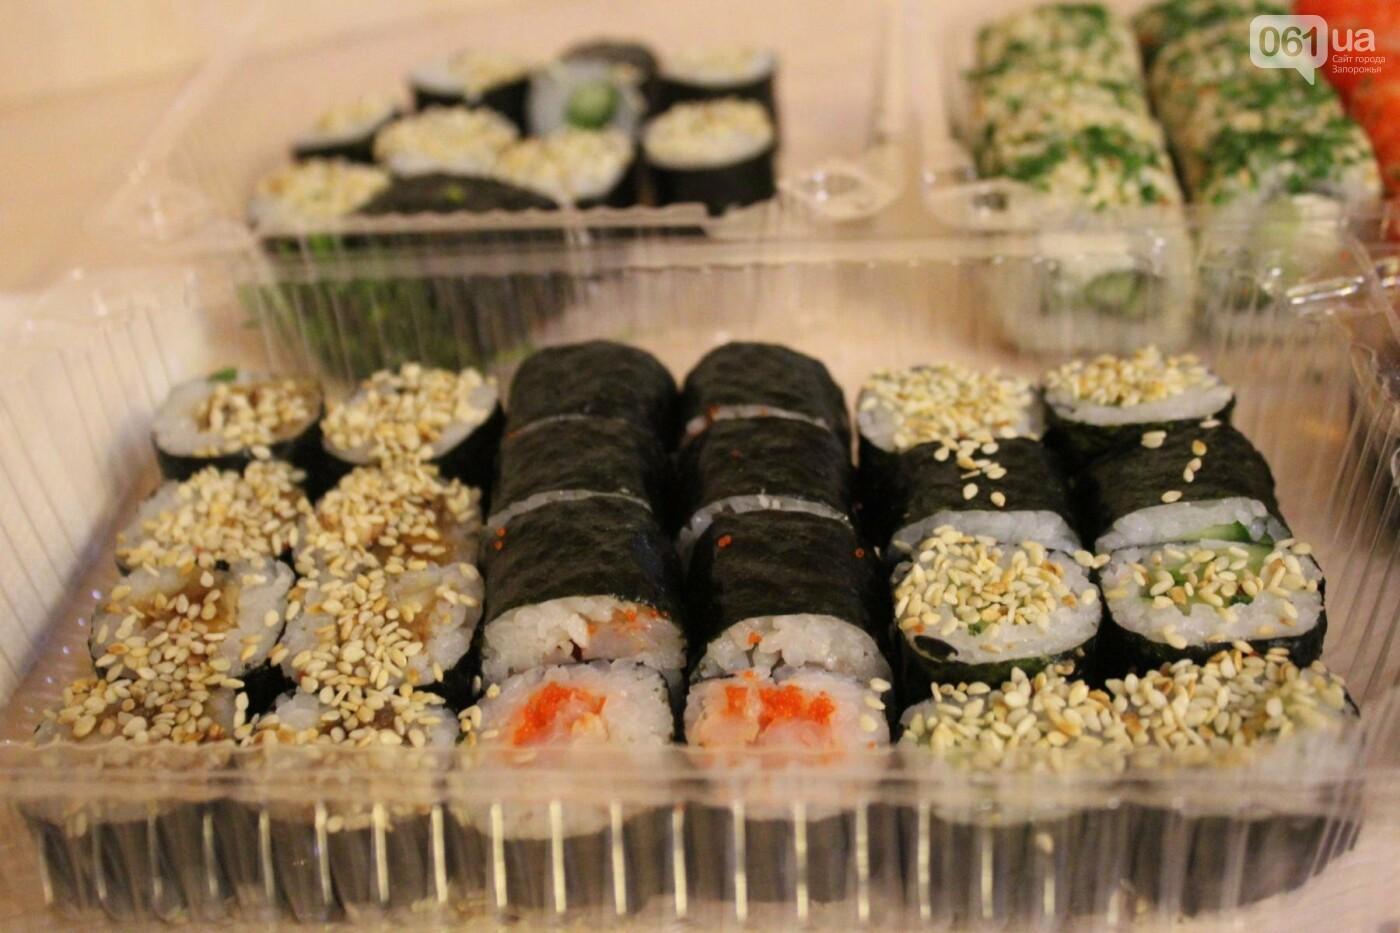 Тест-драйв доставки суши в Запорожье: 24rolls , фото-15